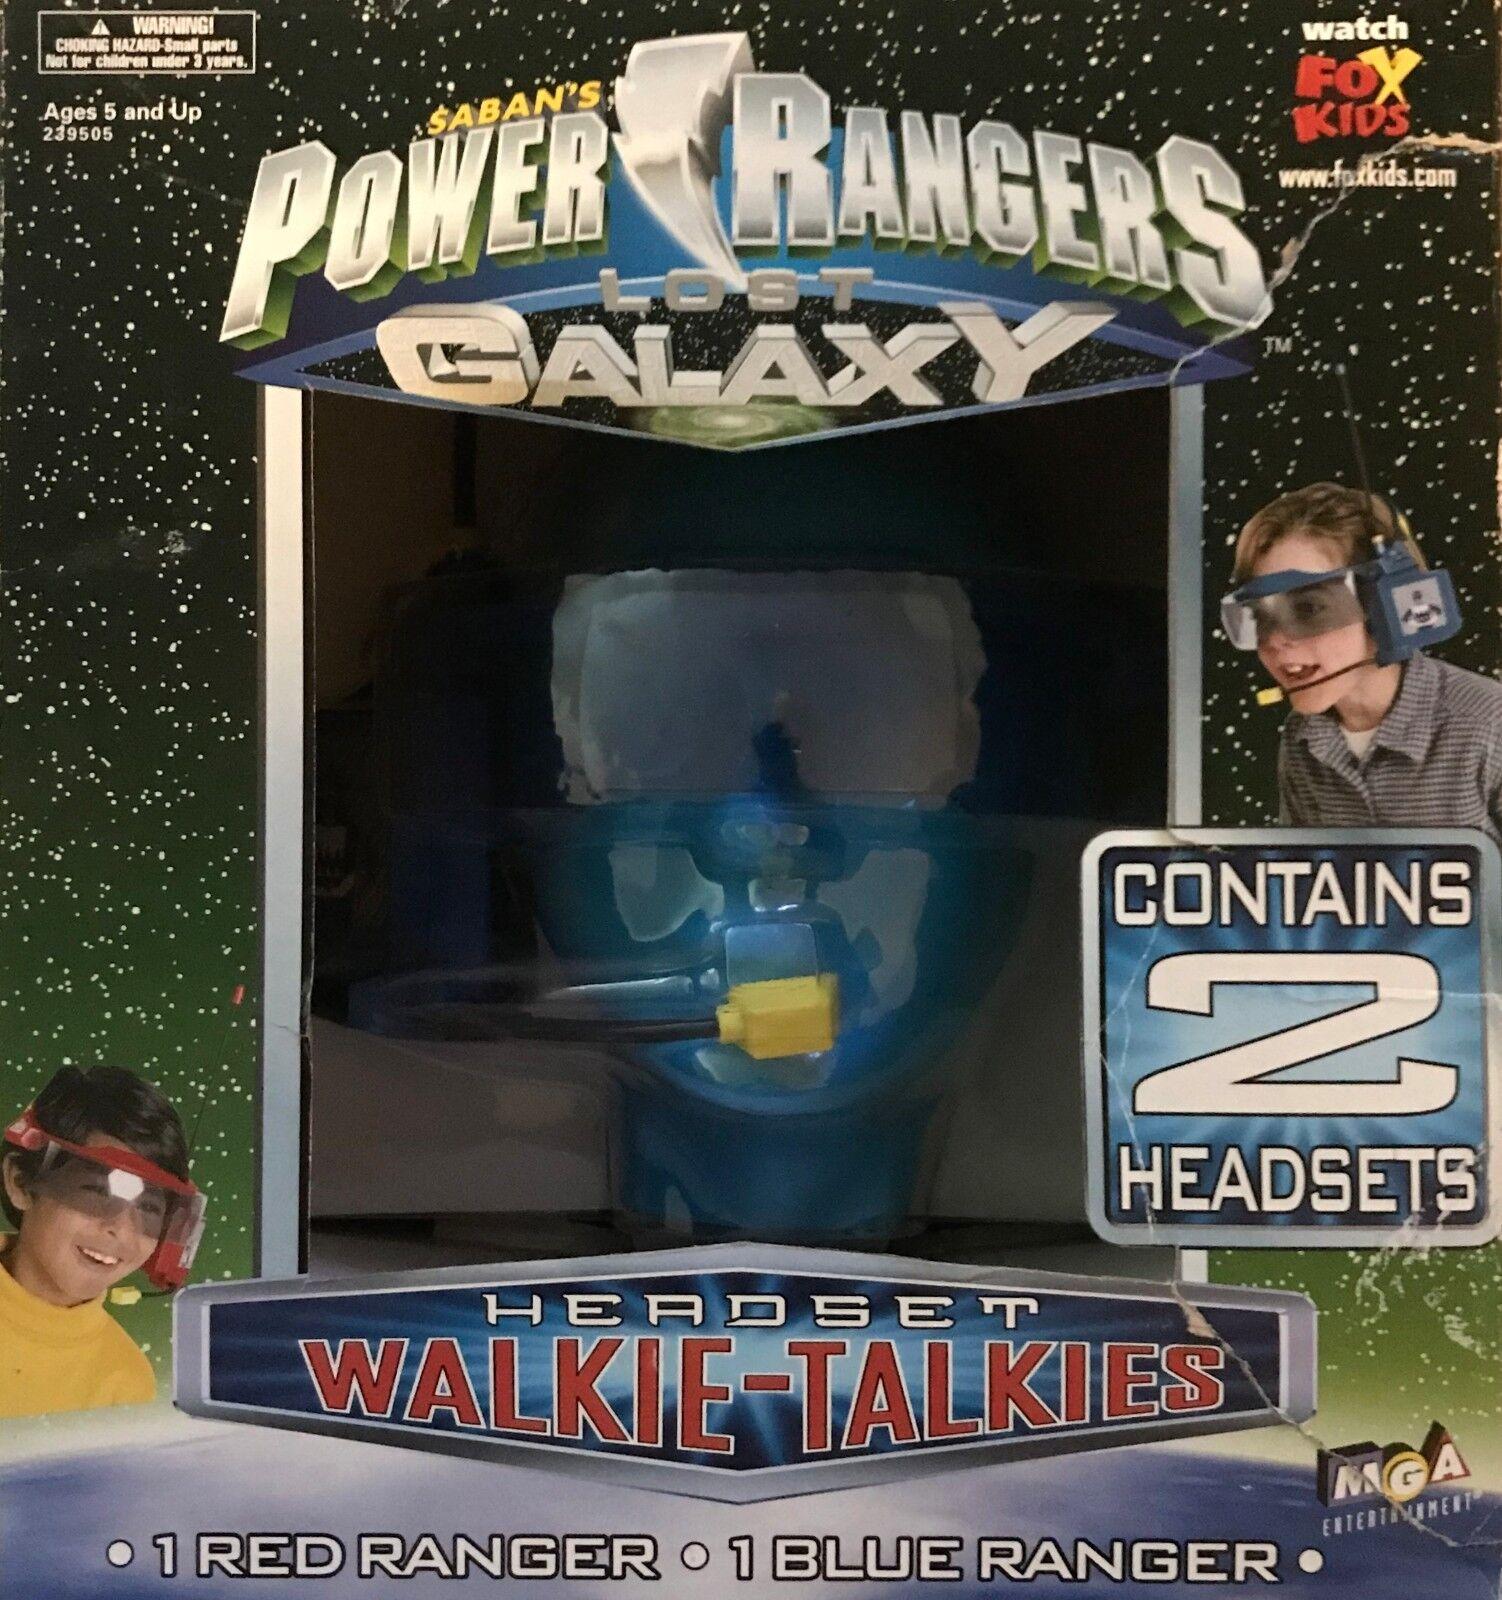 Power rangers verloren galaxie walkie - talkie kopfhörer - 1 rote ranger   1 blauen ranger